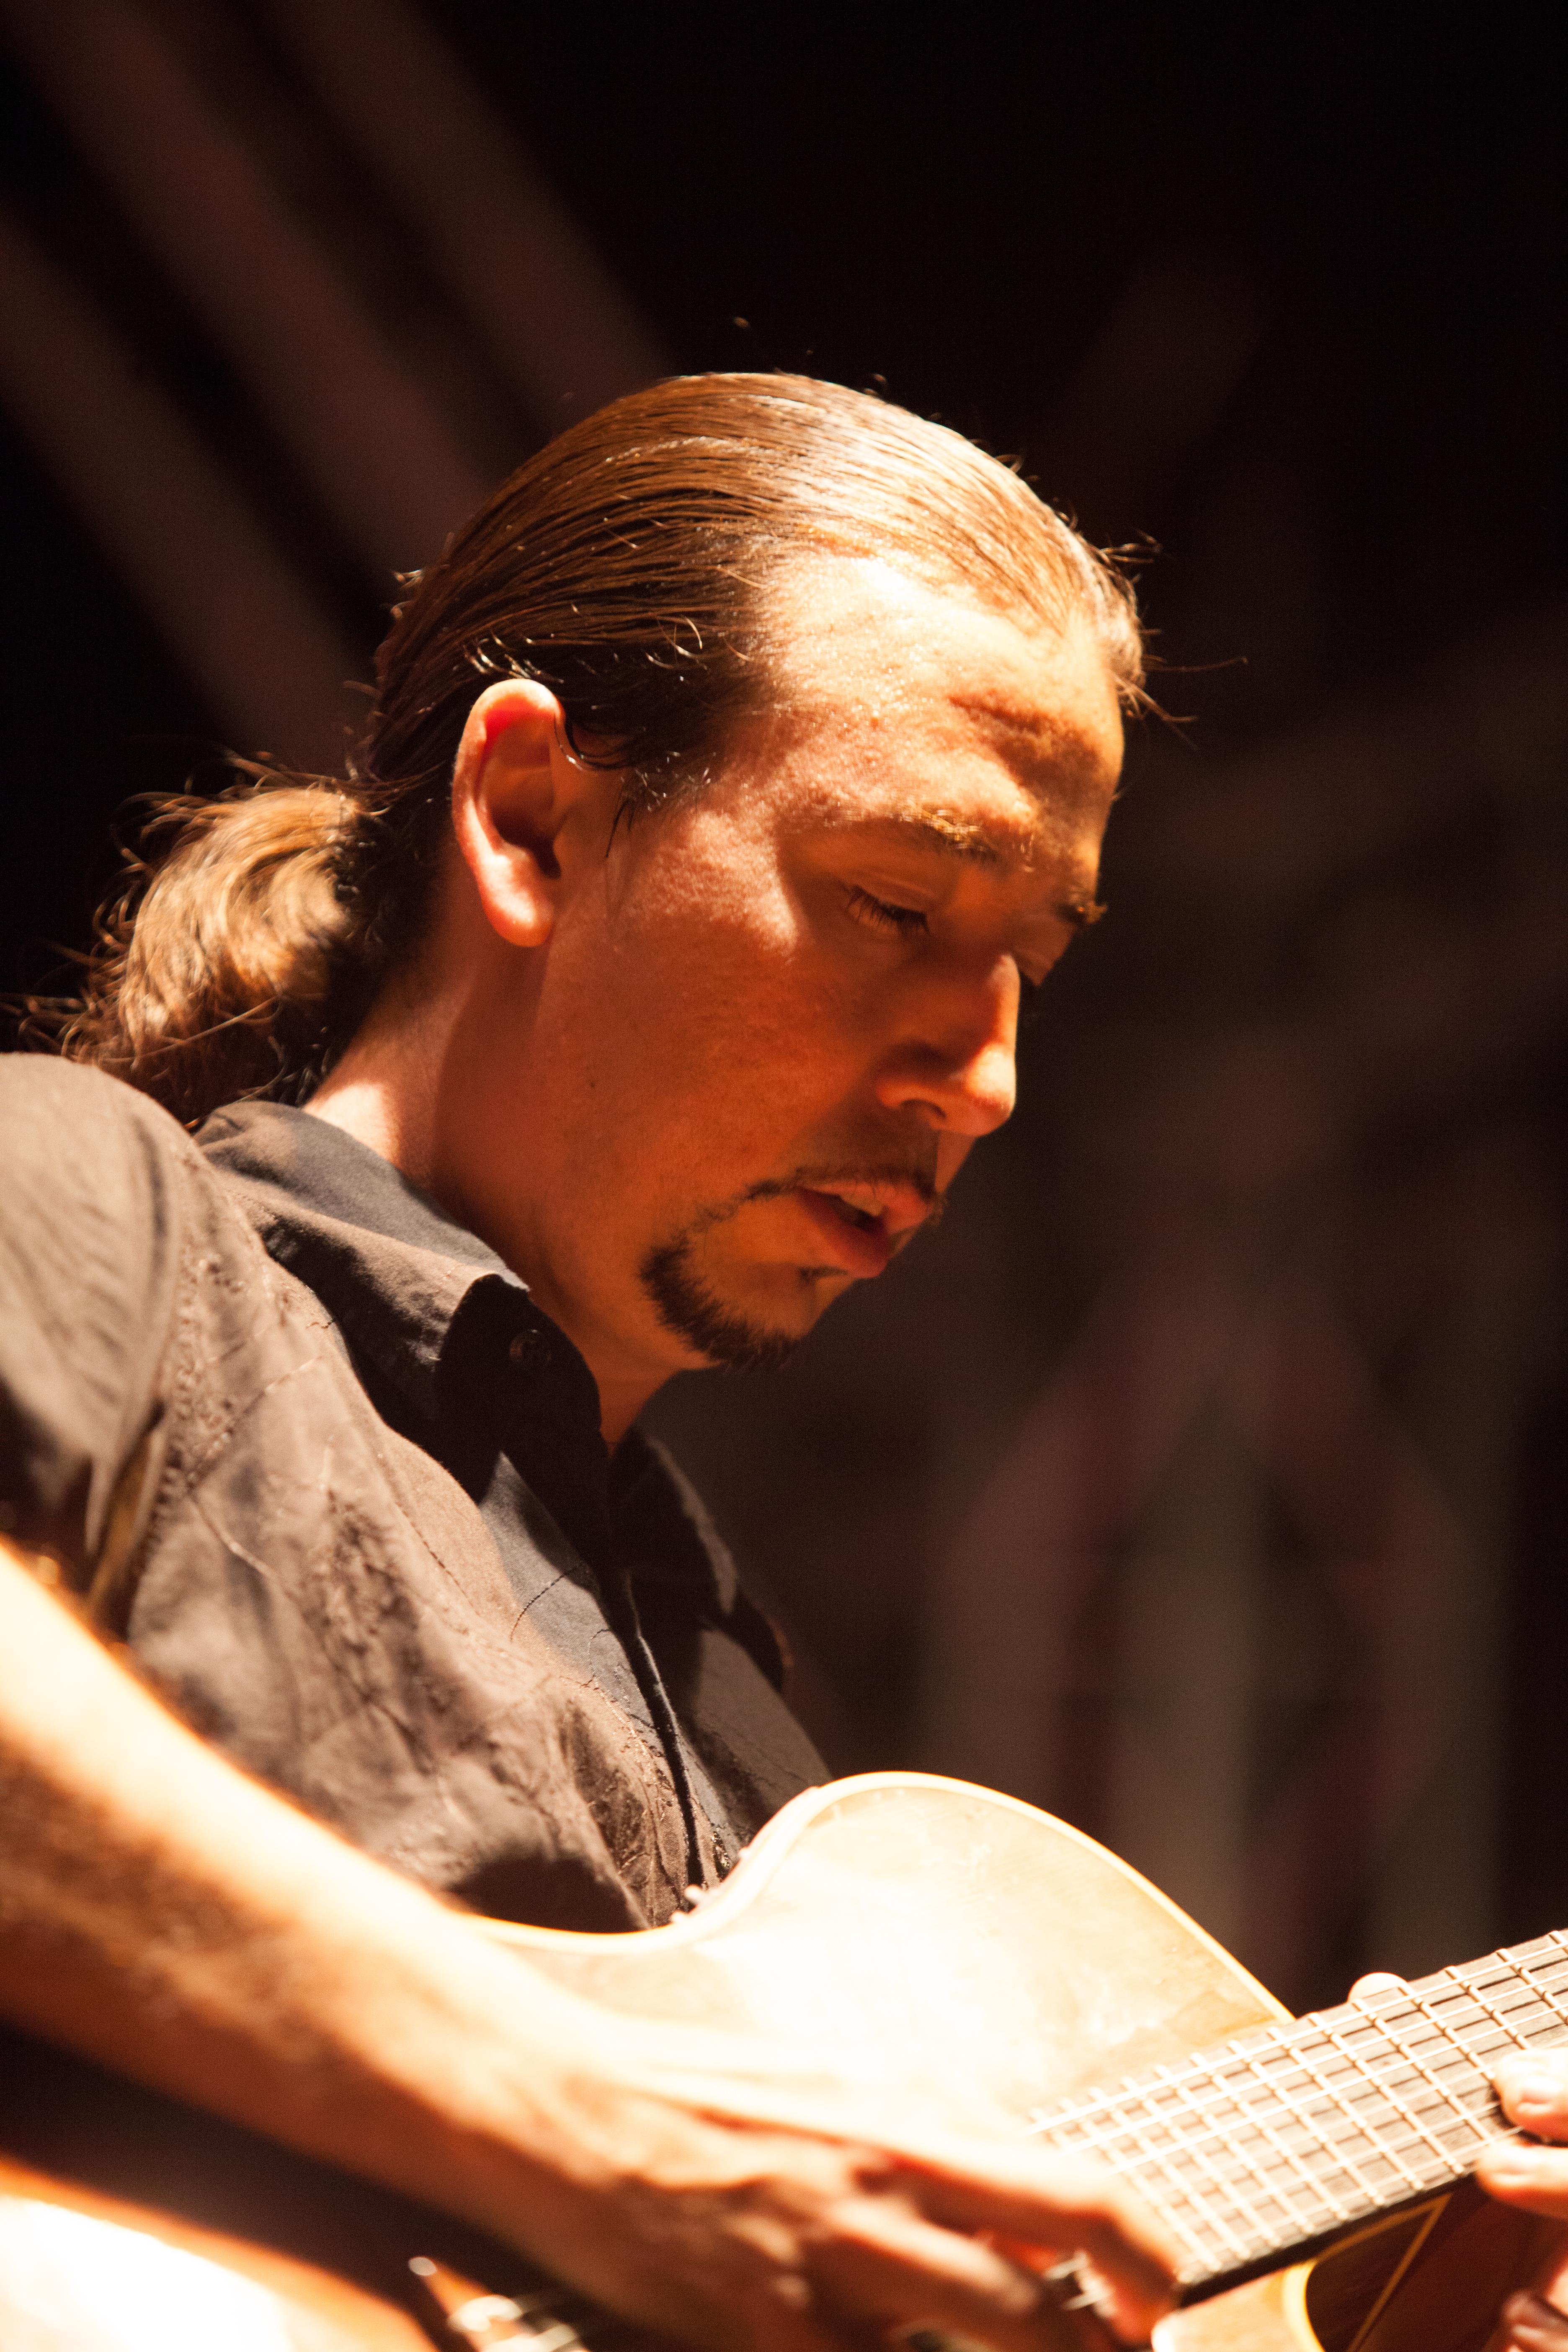 Алекс руис гитарист фото